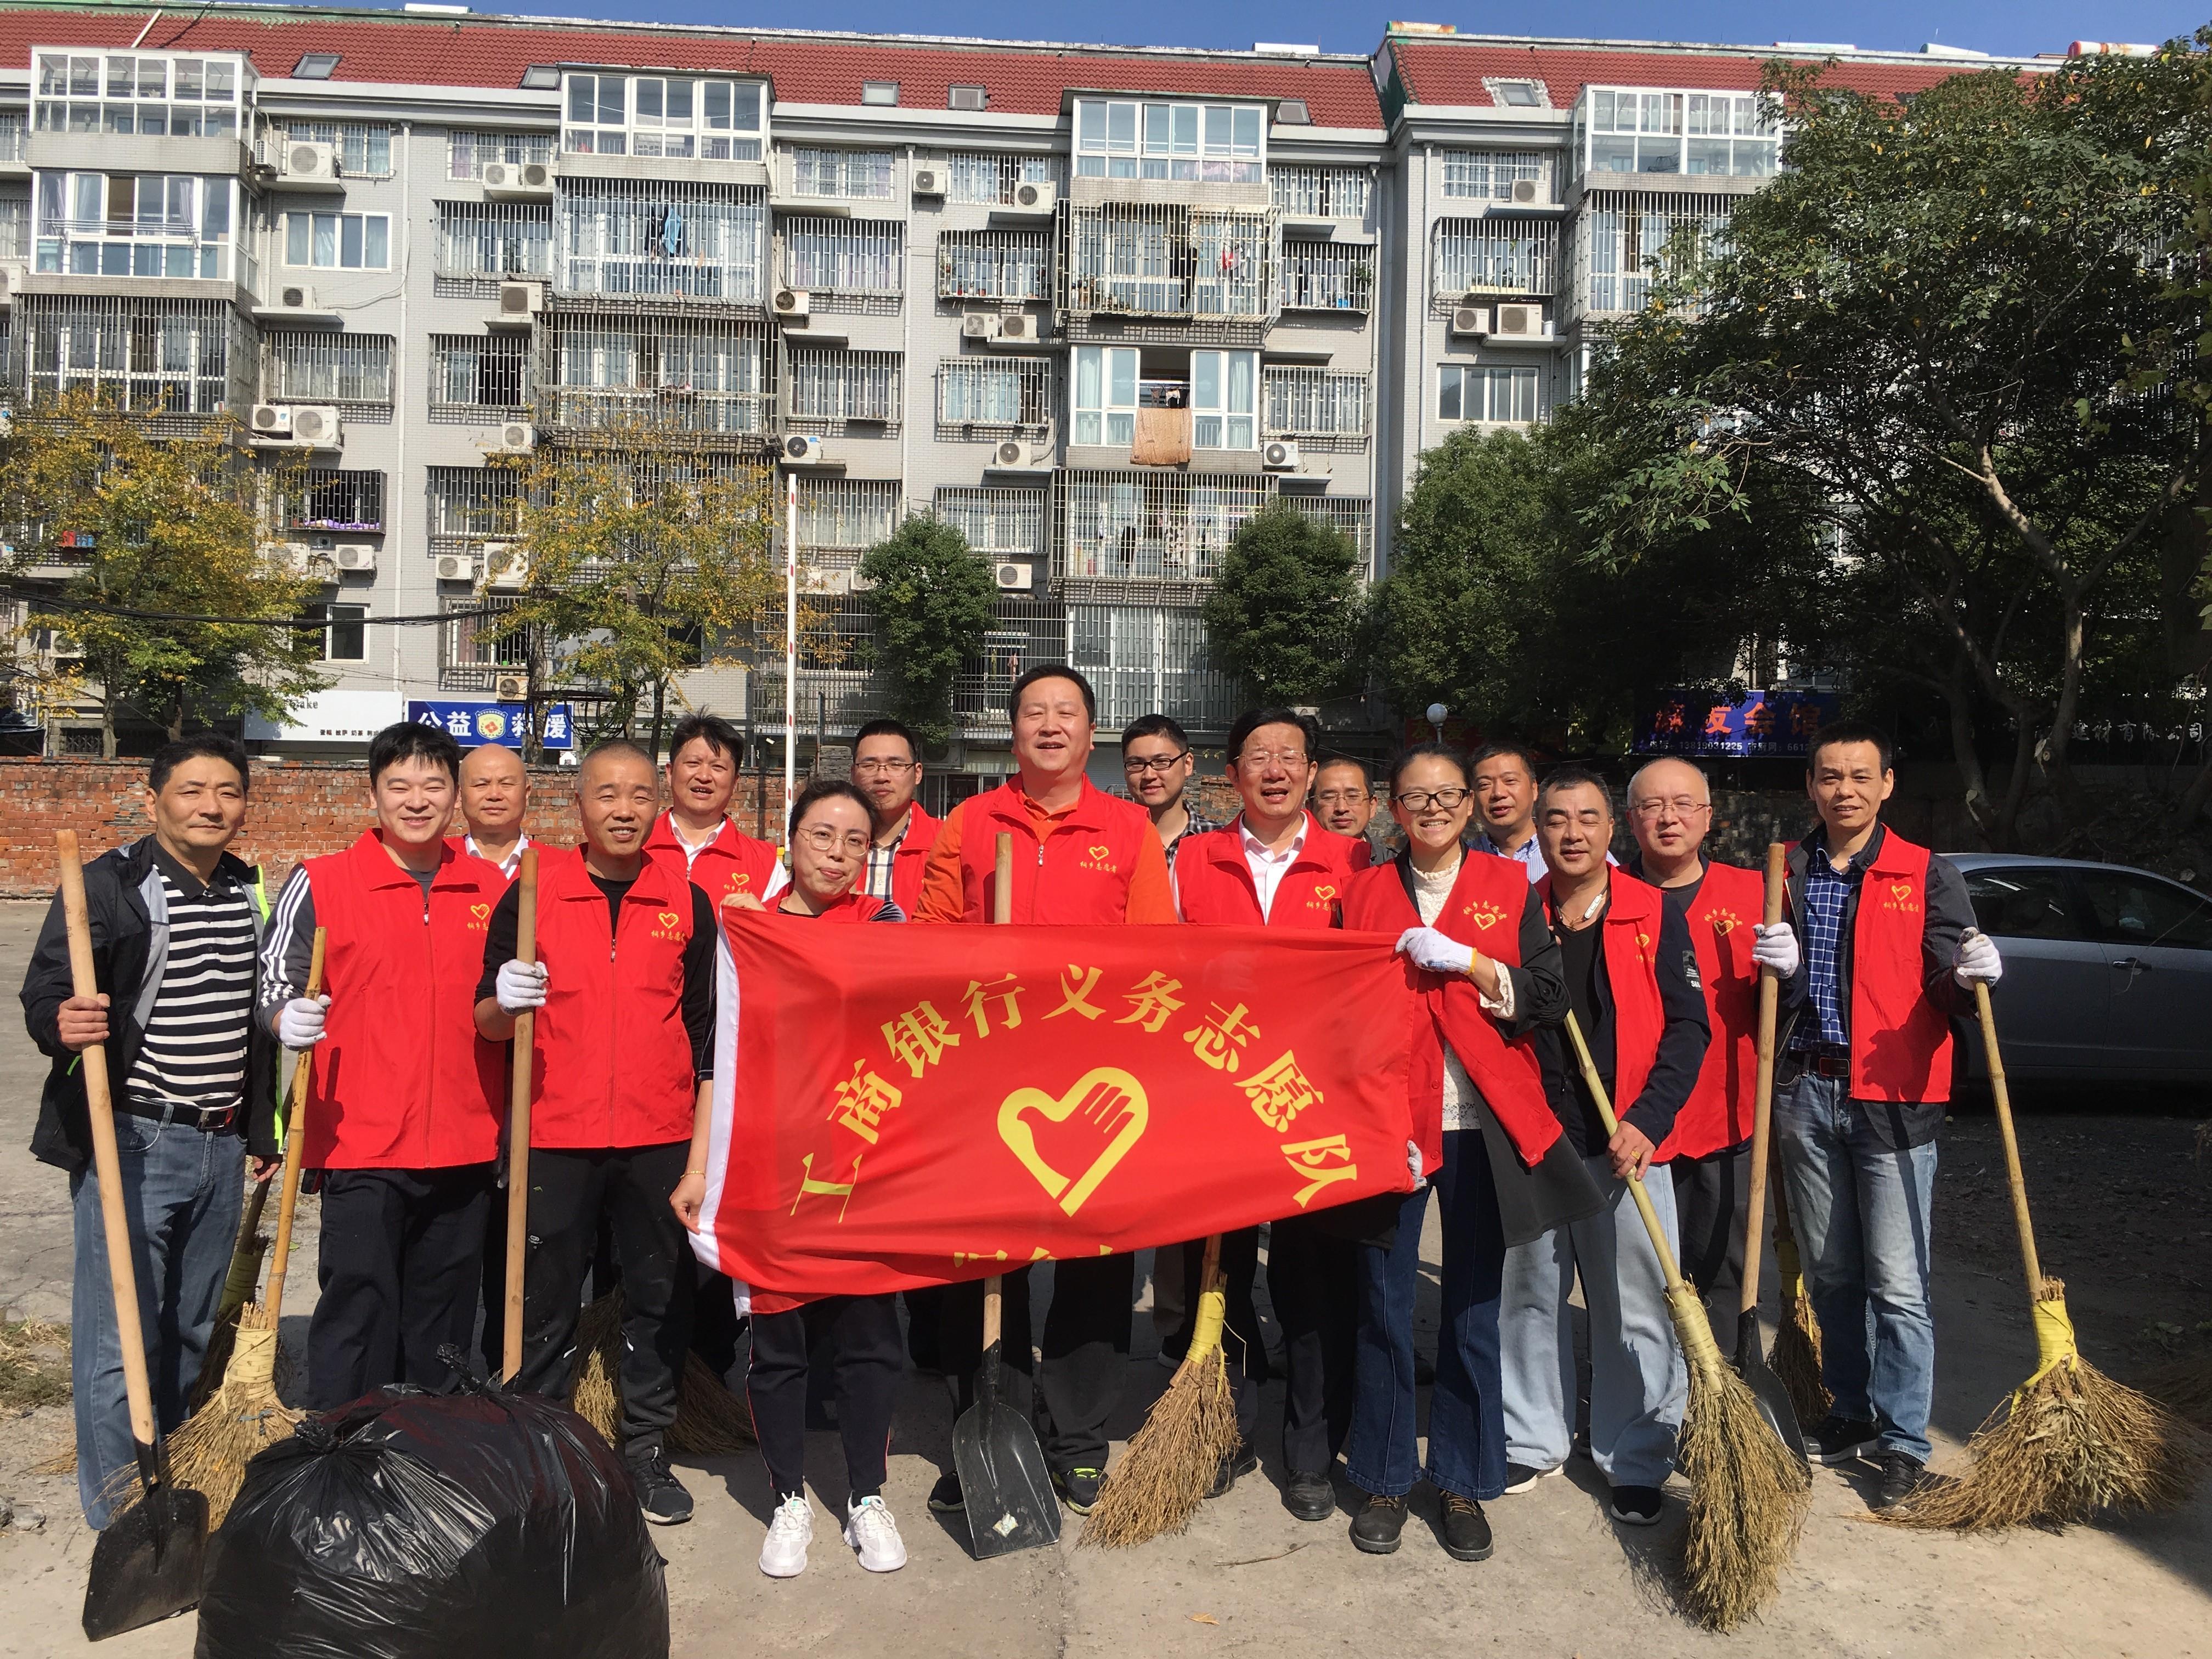 「亿酷」工行桐乡支行员工志愿参与停车场修整行动